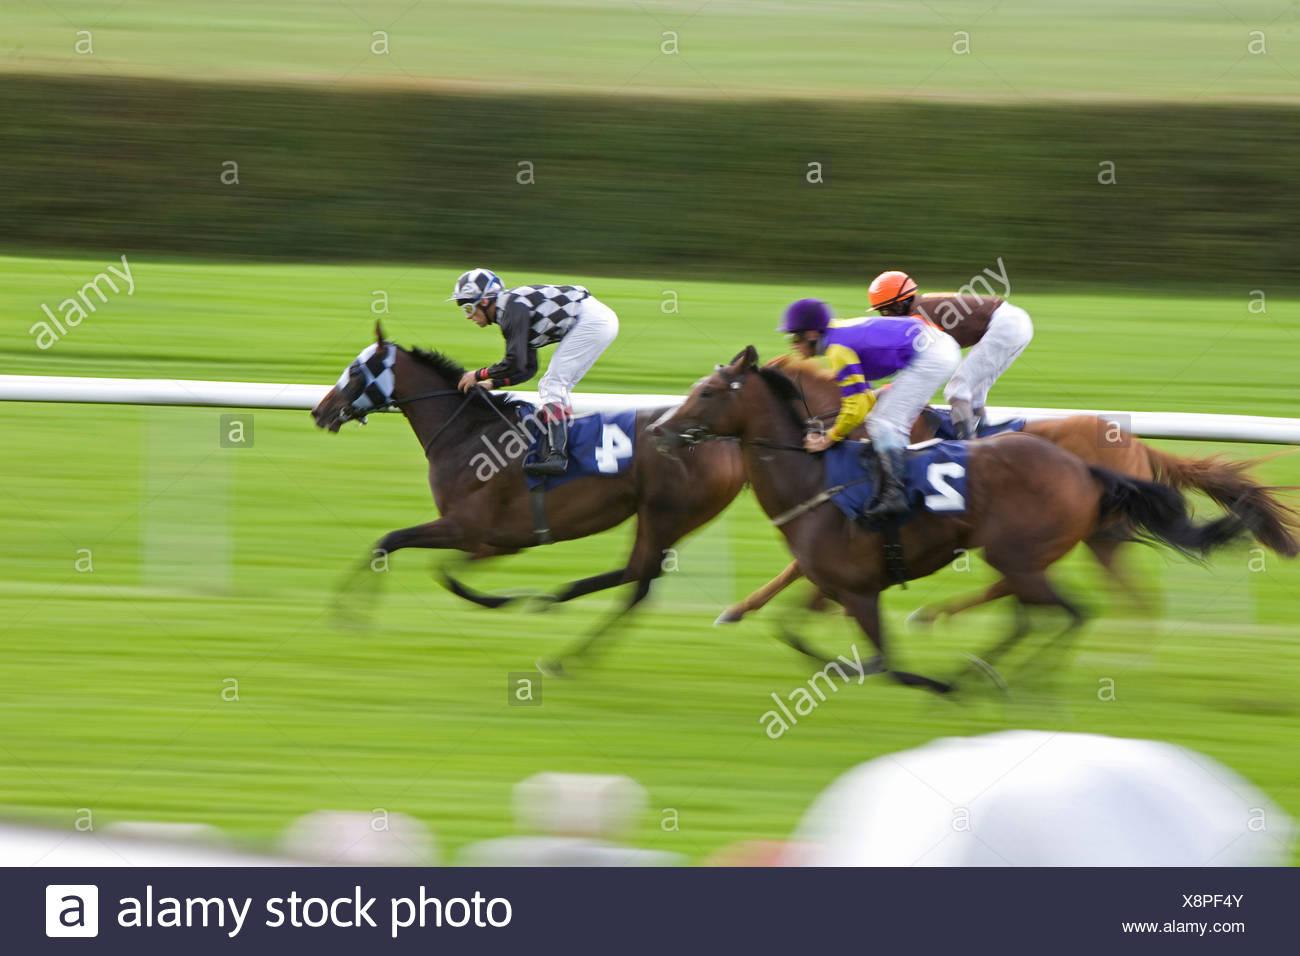 Cavalli domestici (Equus przewalskii f. caballus), corse di cavalli Immagini Stock